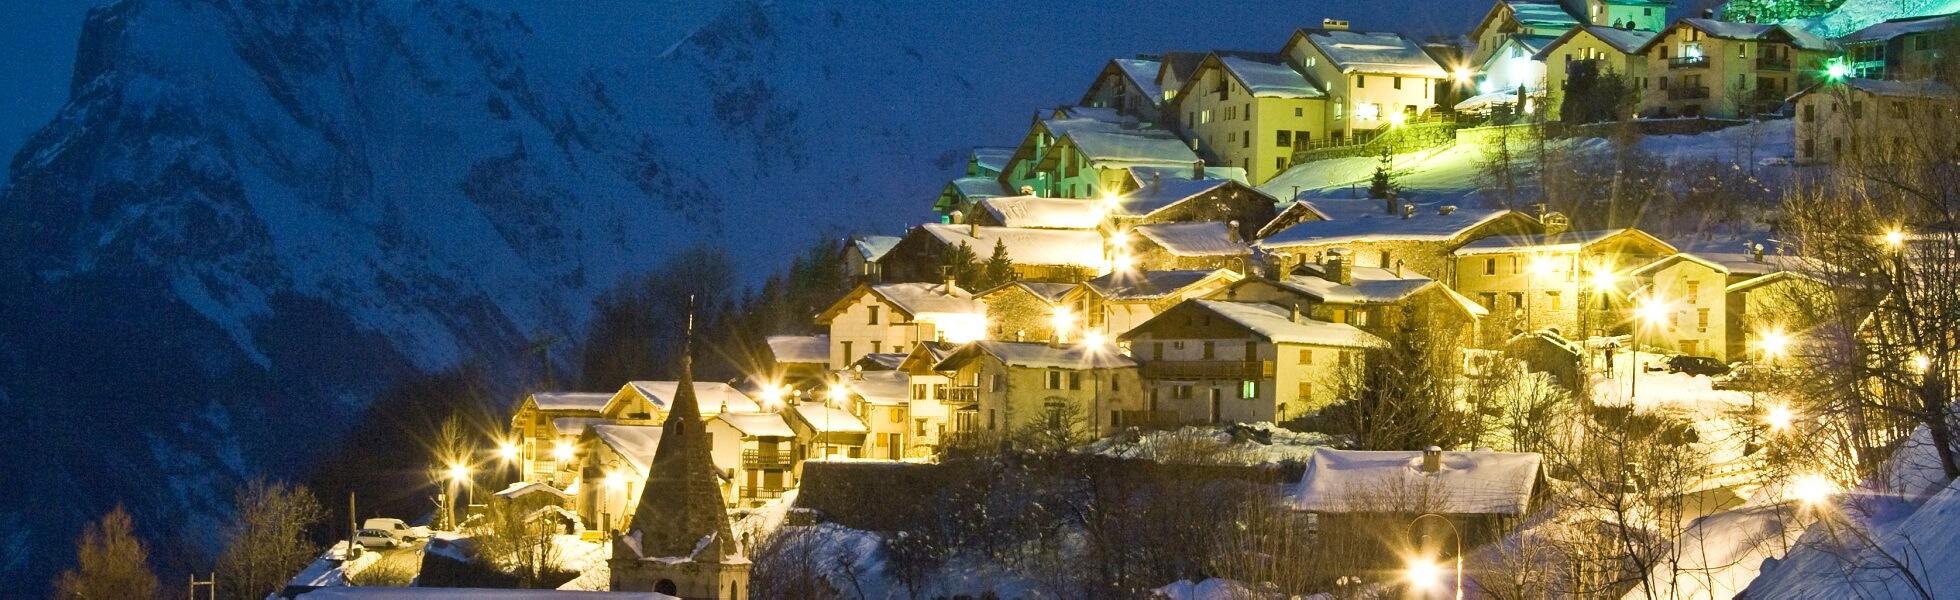 La Lauza Thabor - Valmeiner / Savoie